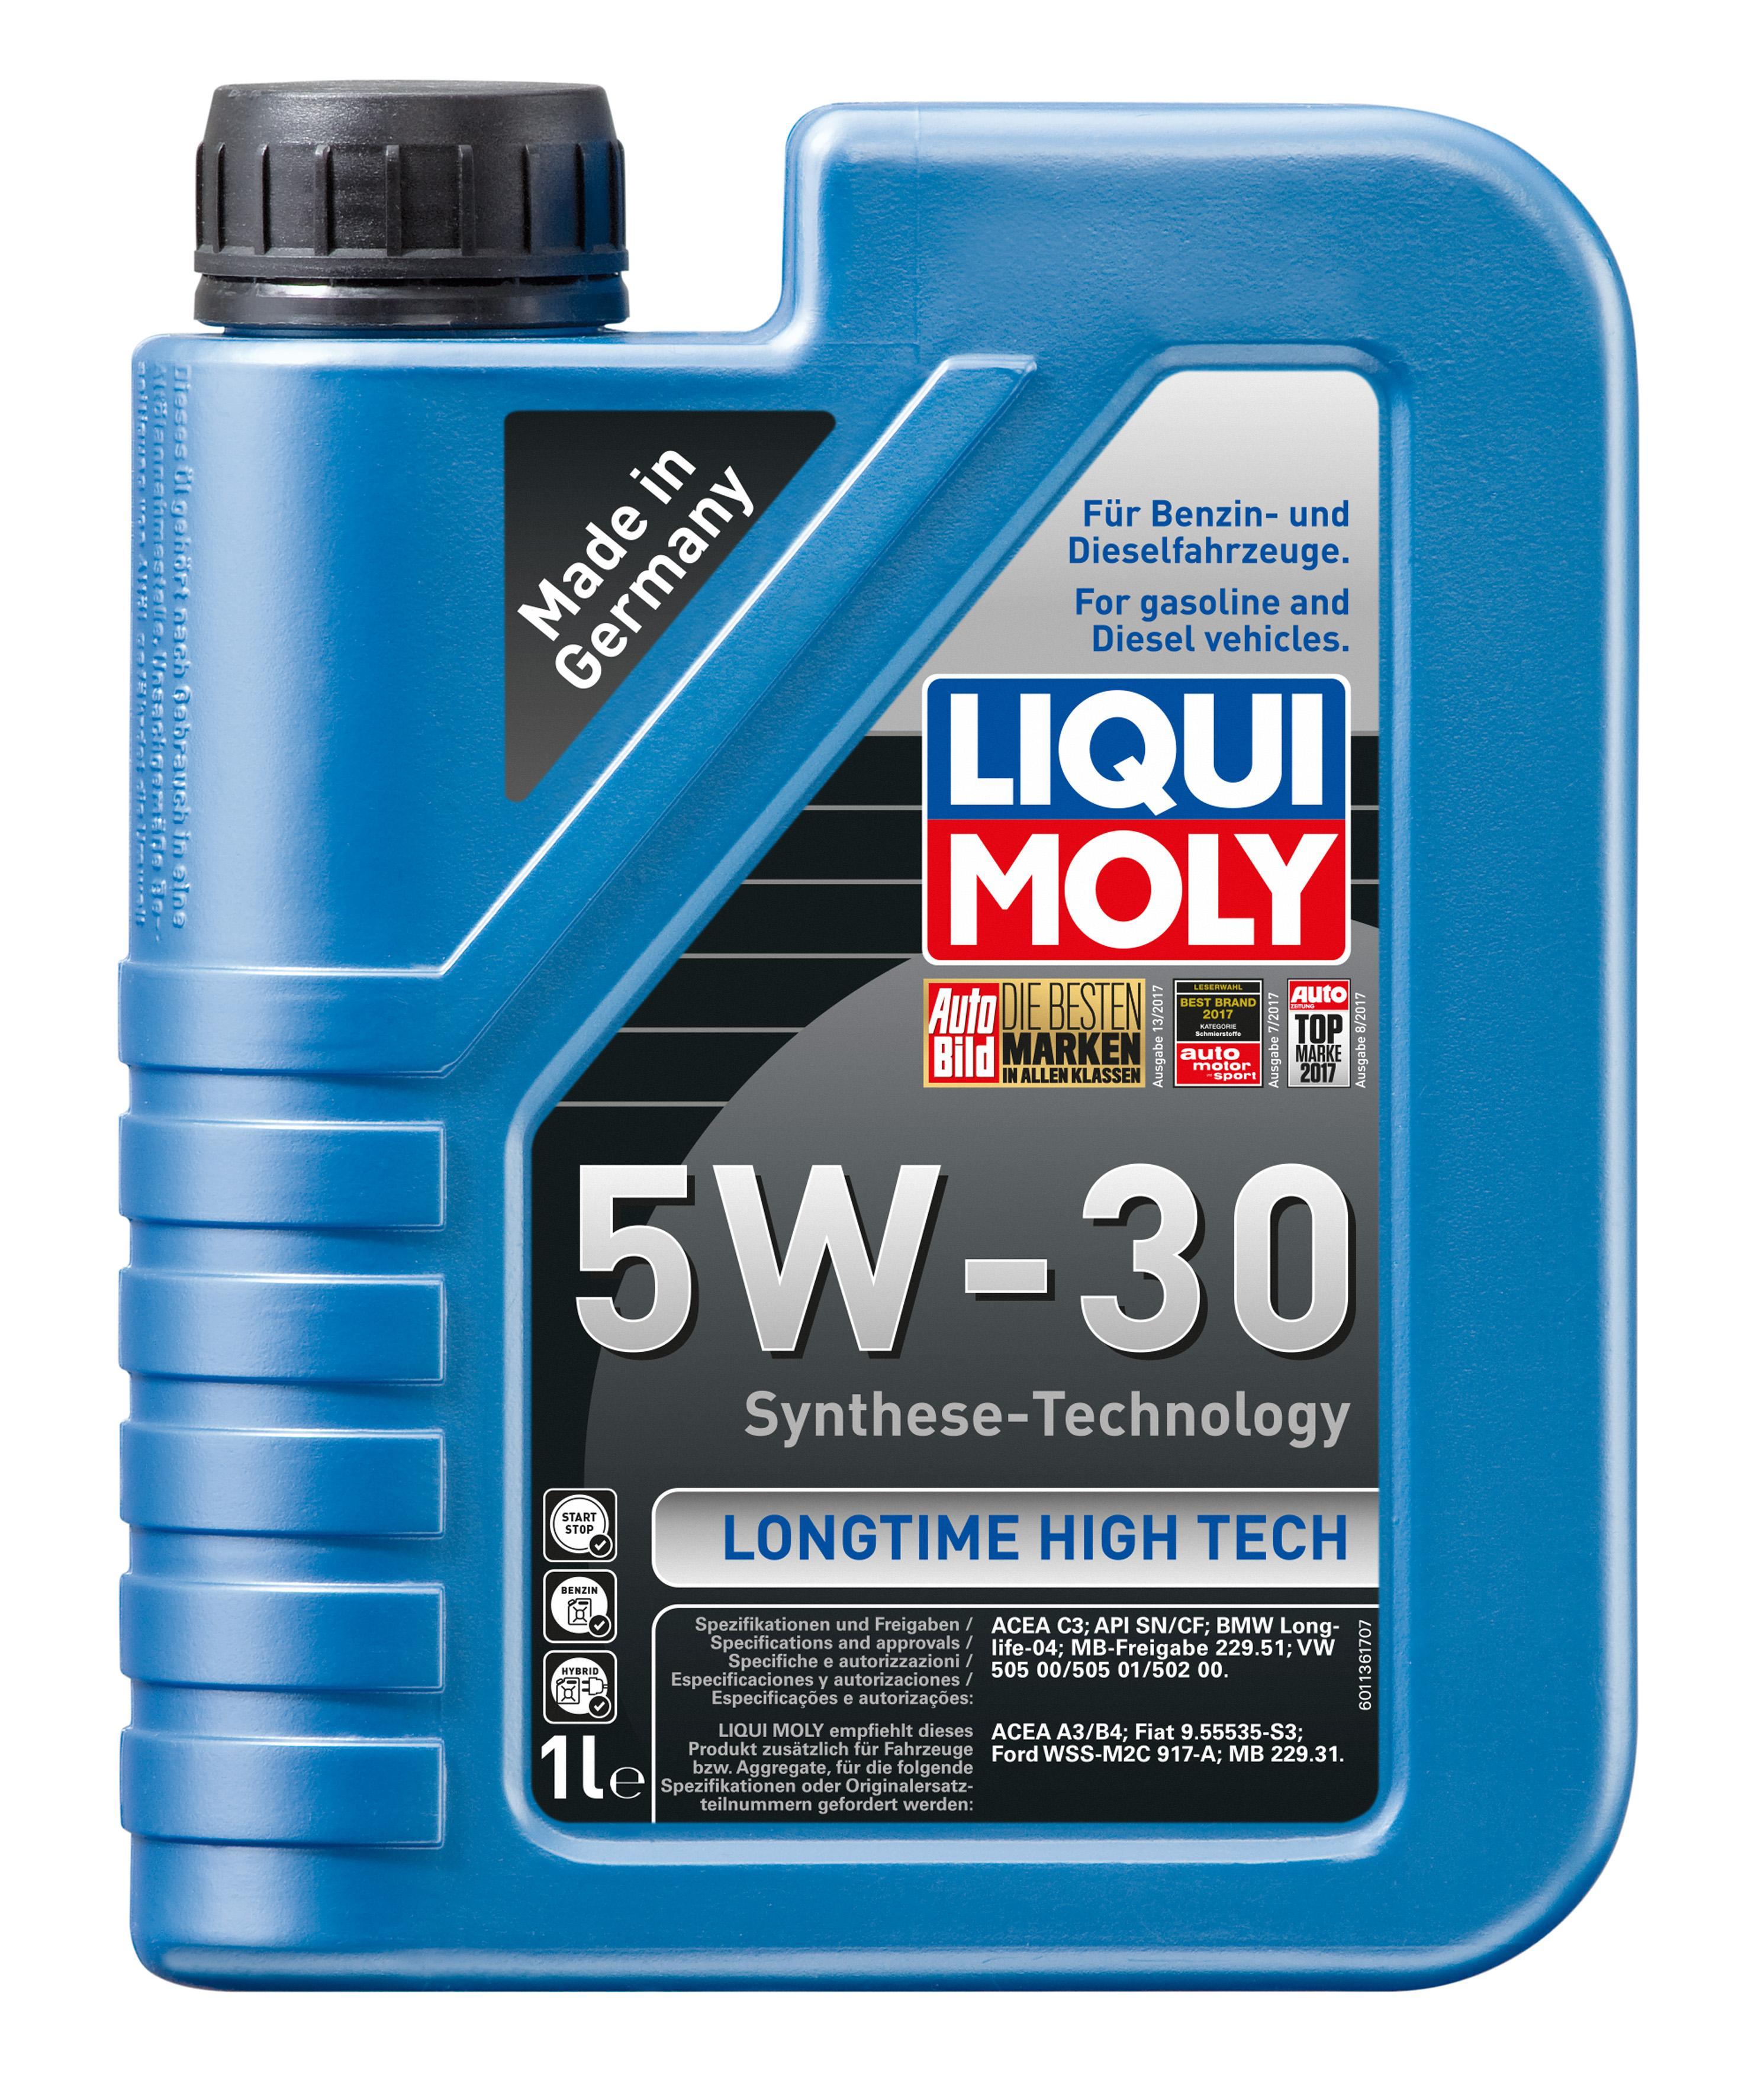 Motorenöl Passat B6 Variant Diesel und Benzin 2007 - LIQUI MOLY 1136 ()